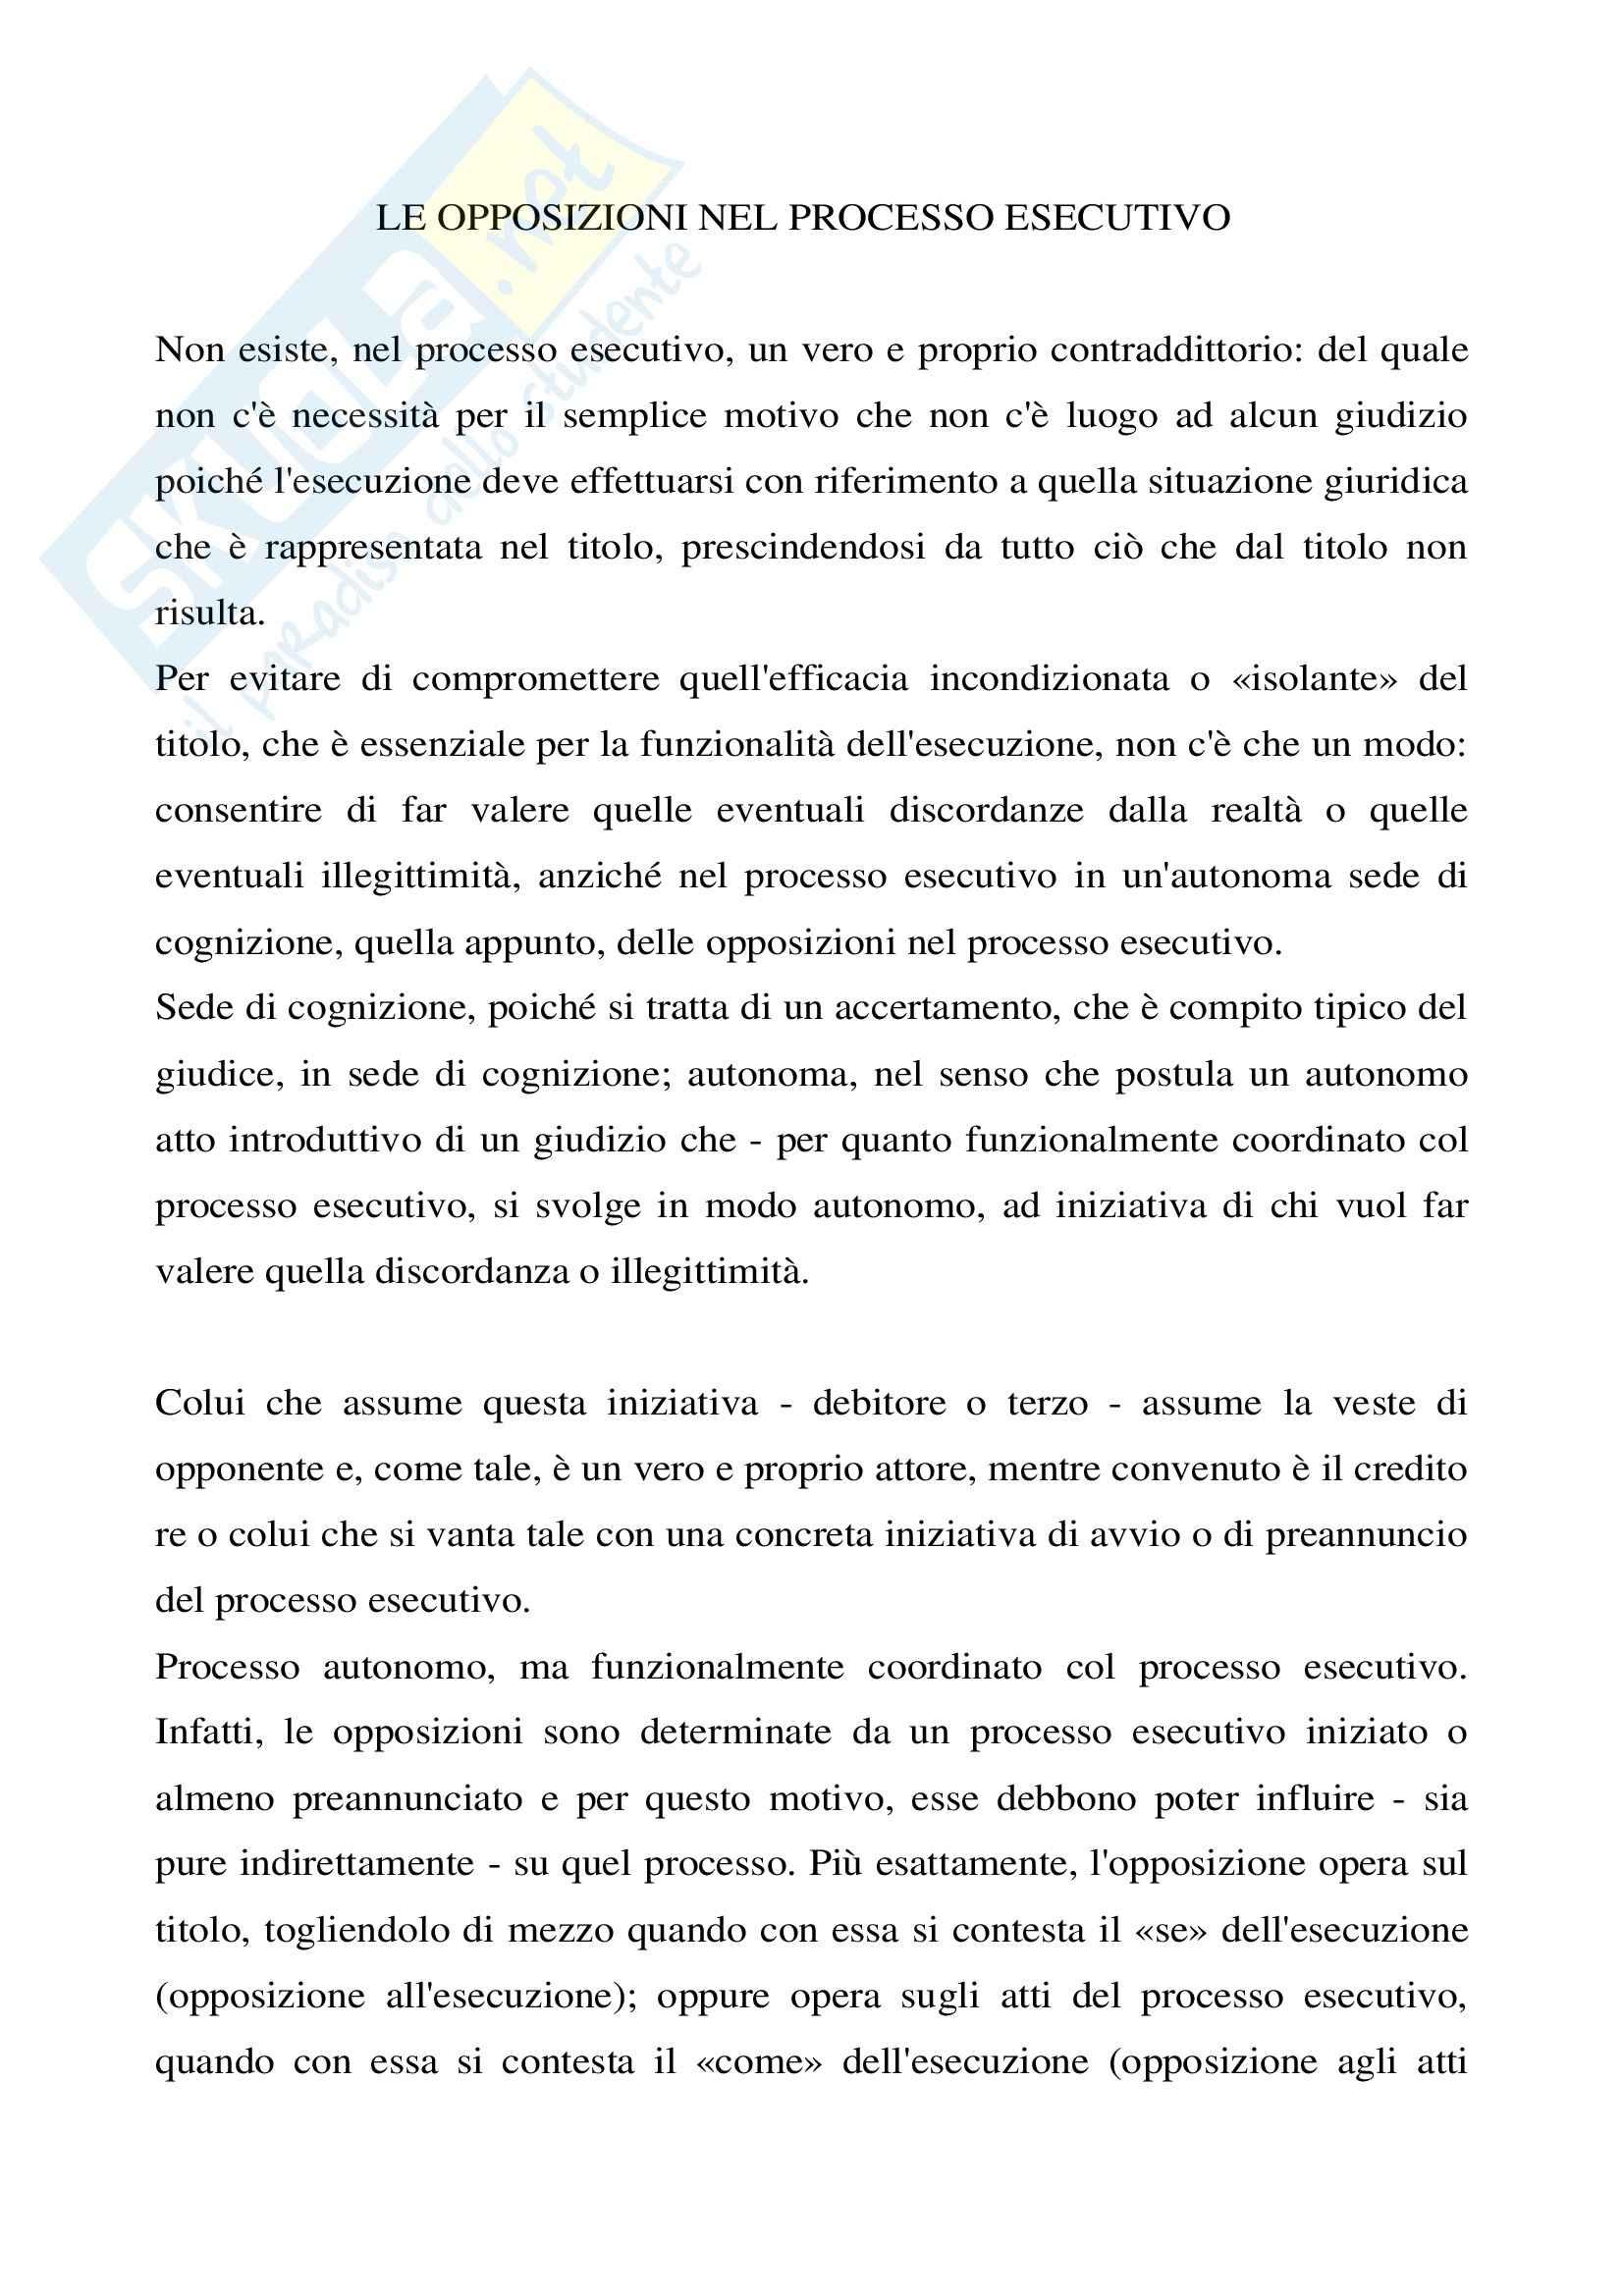 appunto A. Carratta Diritto Processuale Civile II